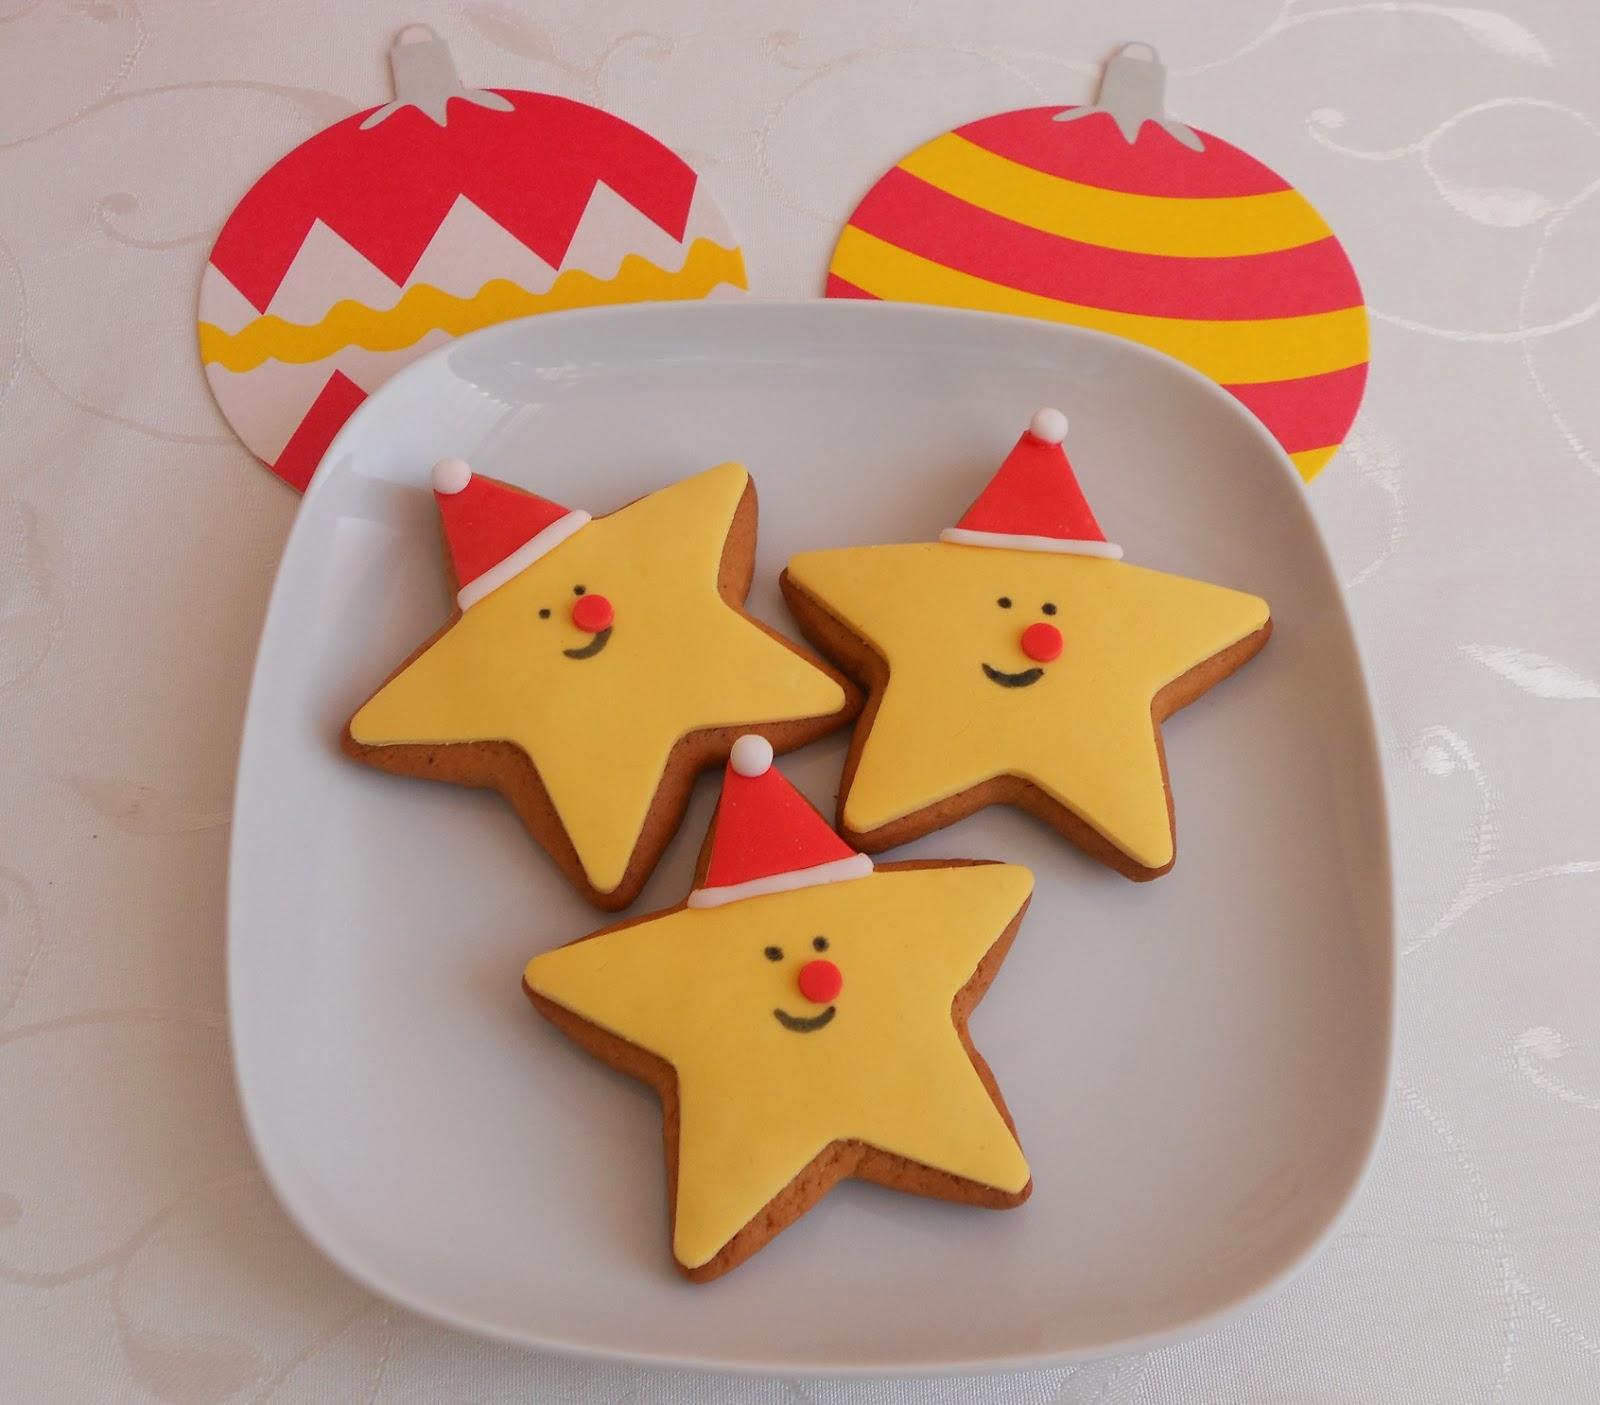 y las estrellas blancas imitando una guirnalda navidea son ms para los mayores estas tengo que probar a rellenar el centro con caramelo derretido